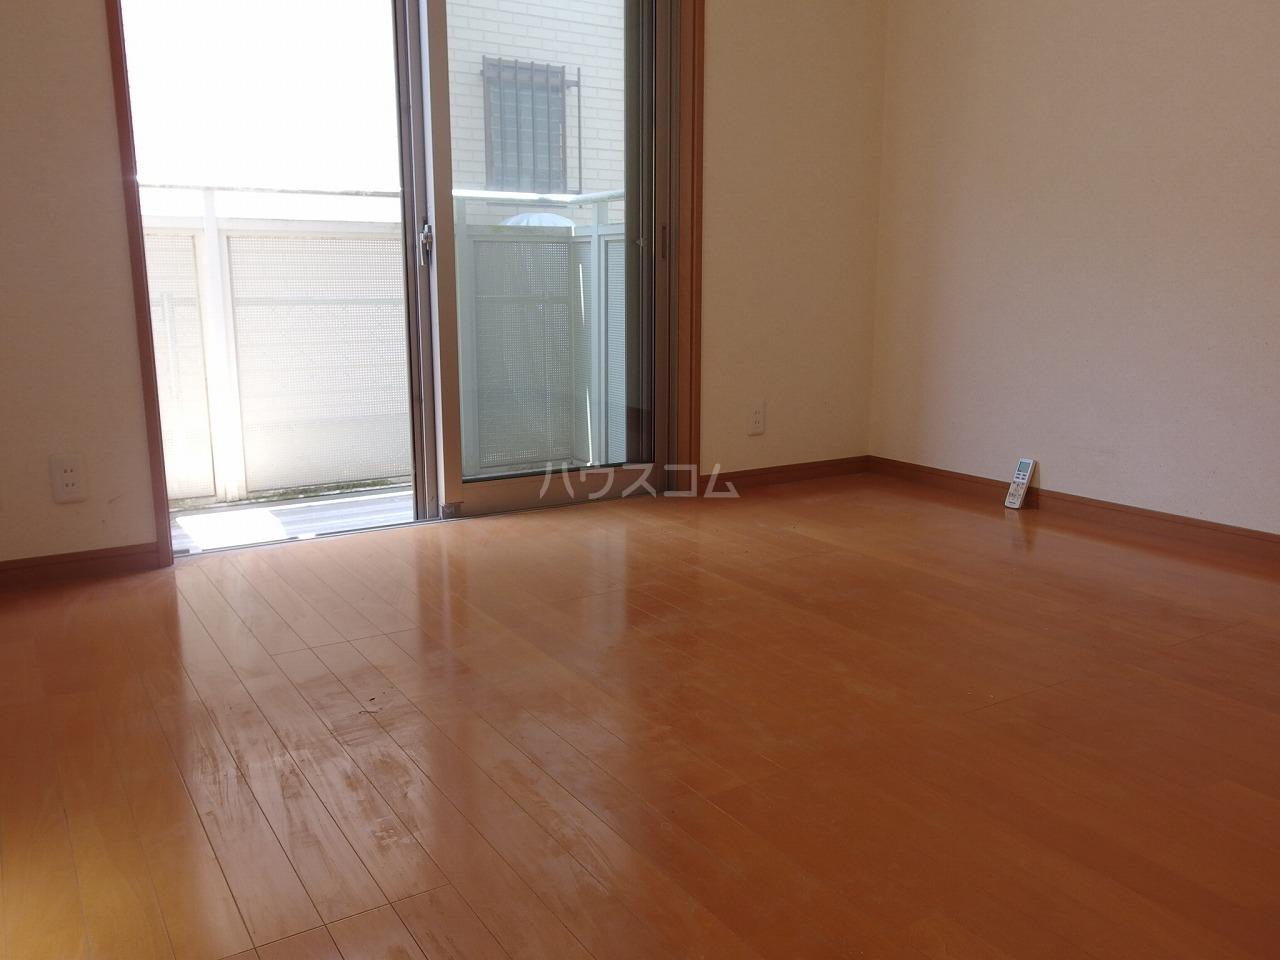 コート・ドールA 102号室の居室